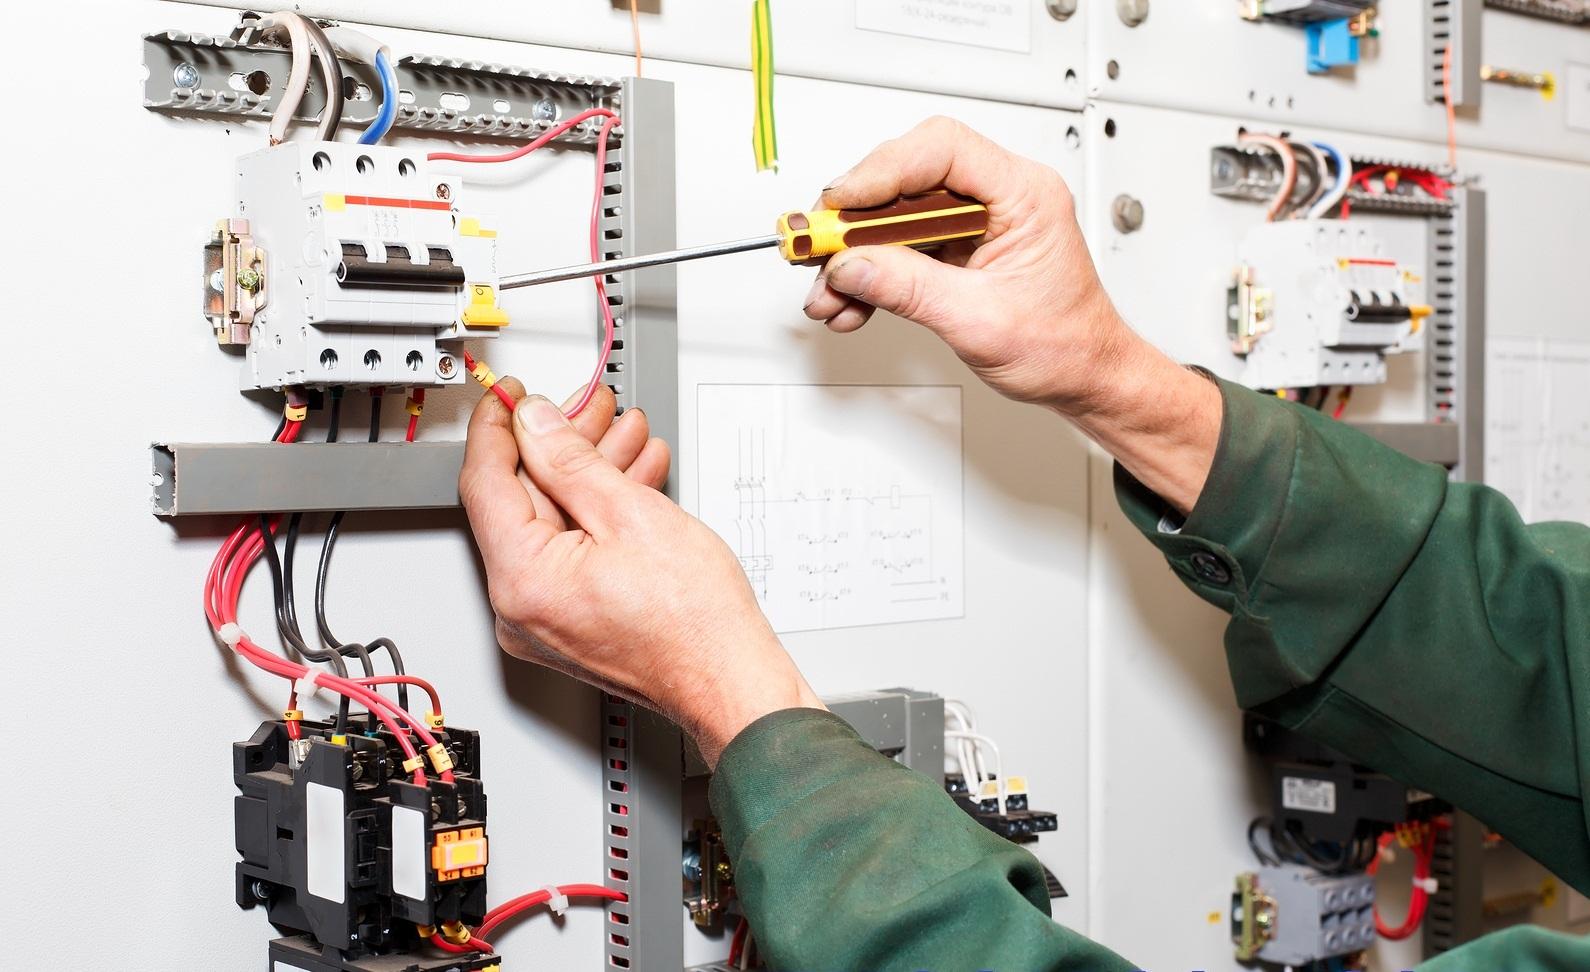 Sửa chữa điện nước tại Bạch Đằng Thợ Giỏi, Giá Rẻ Nhất 0985.321.605